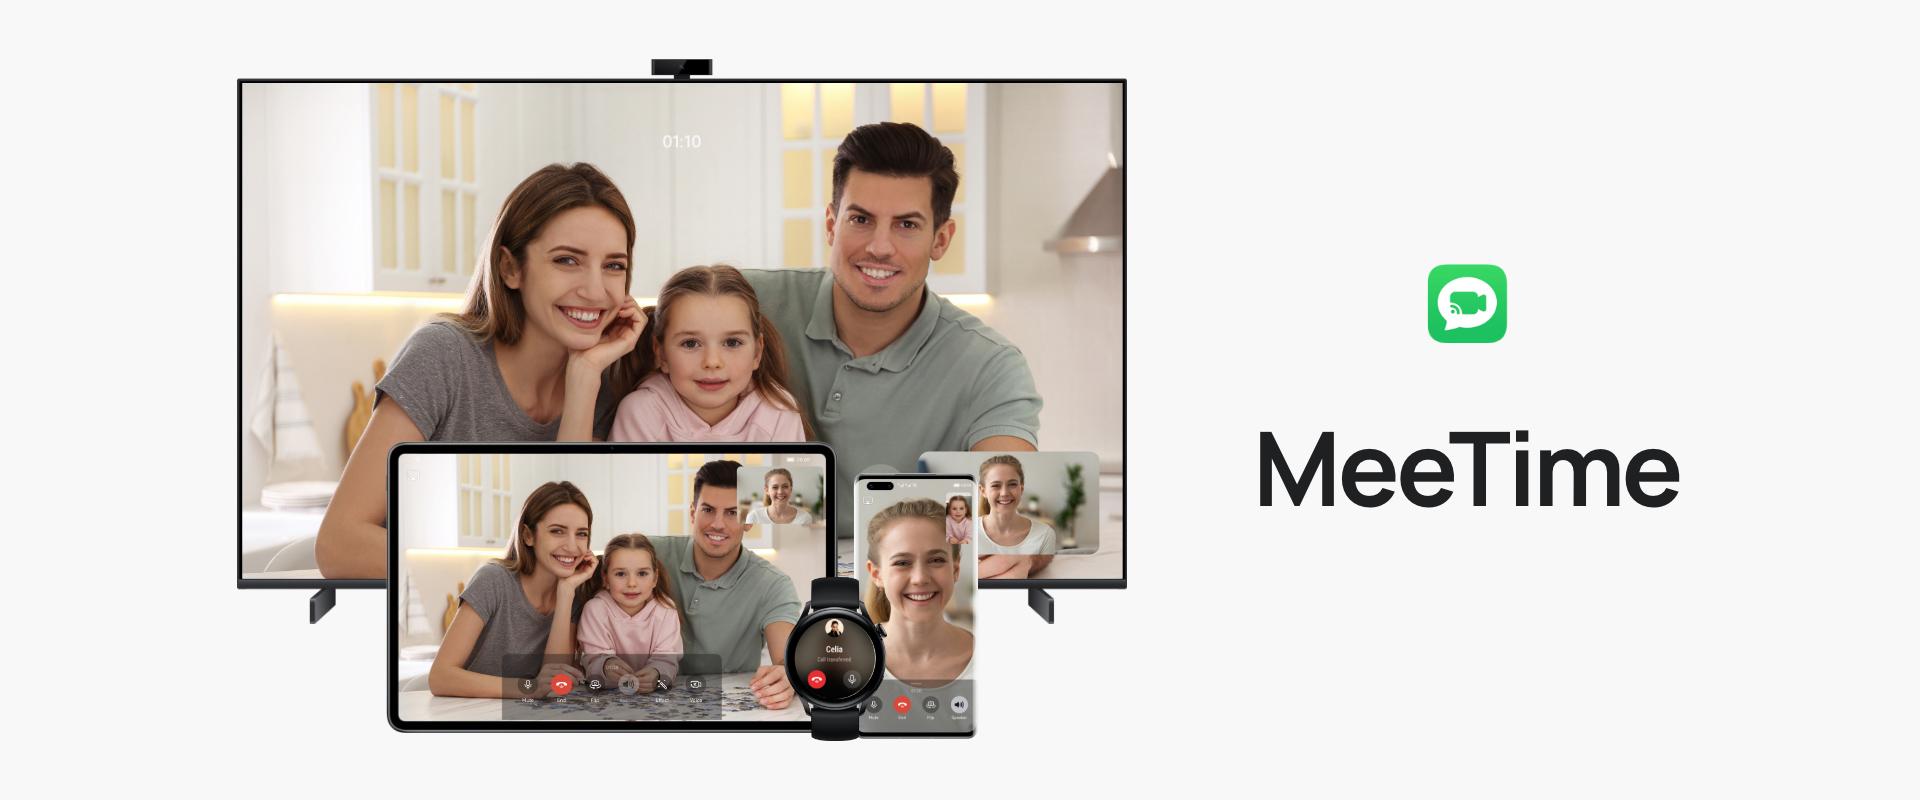 Huawei MeeTime